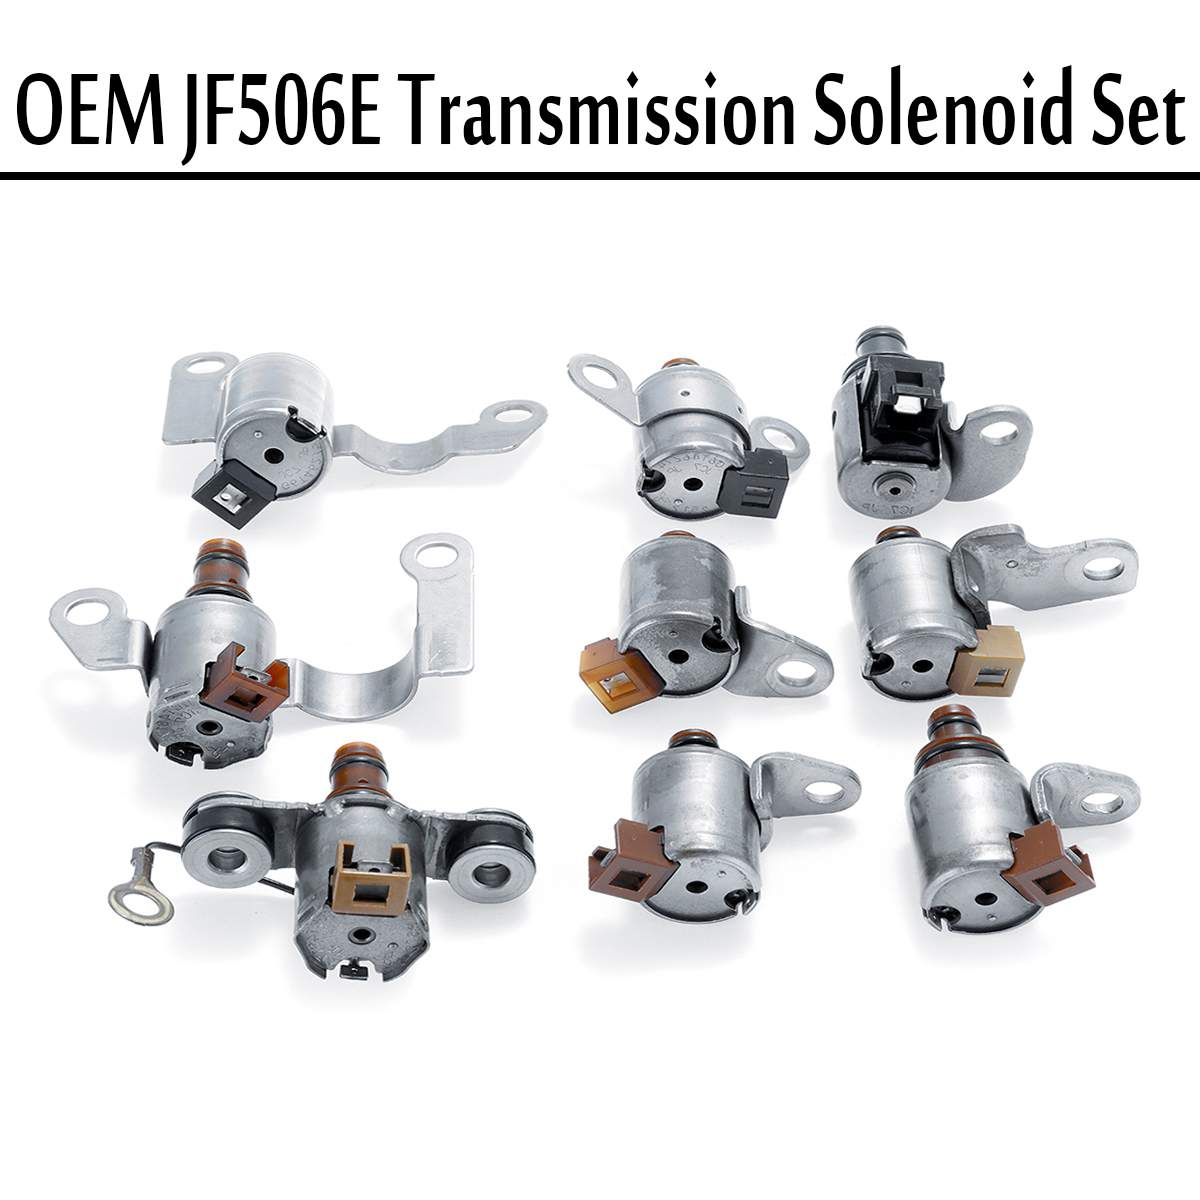 Metal JF506E 09A Shift Transmission Conjunto Kit Para Volkswagen Jetta MK4 Substituição Solenóide da caixa de Velocidades de Transmissão Automática & Parts